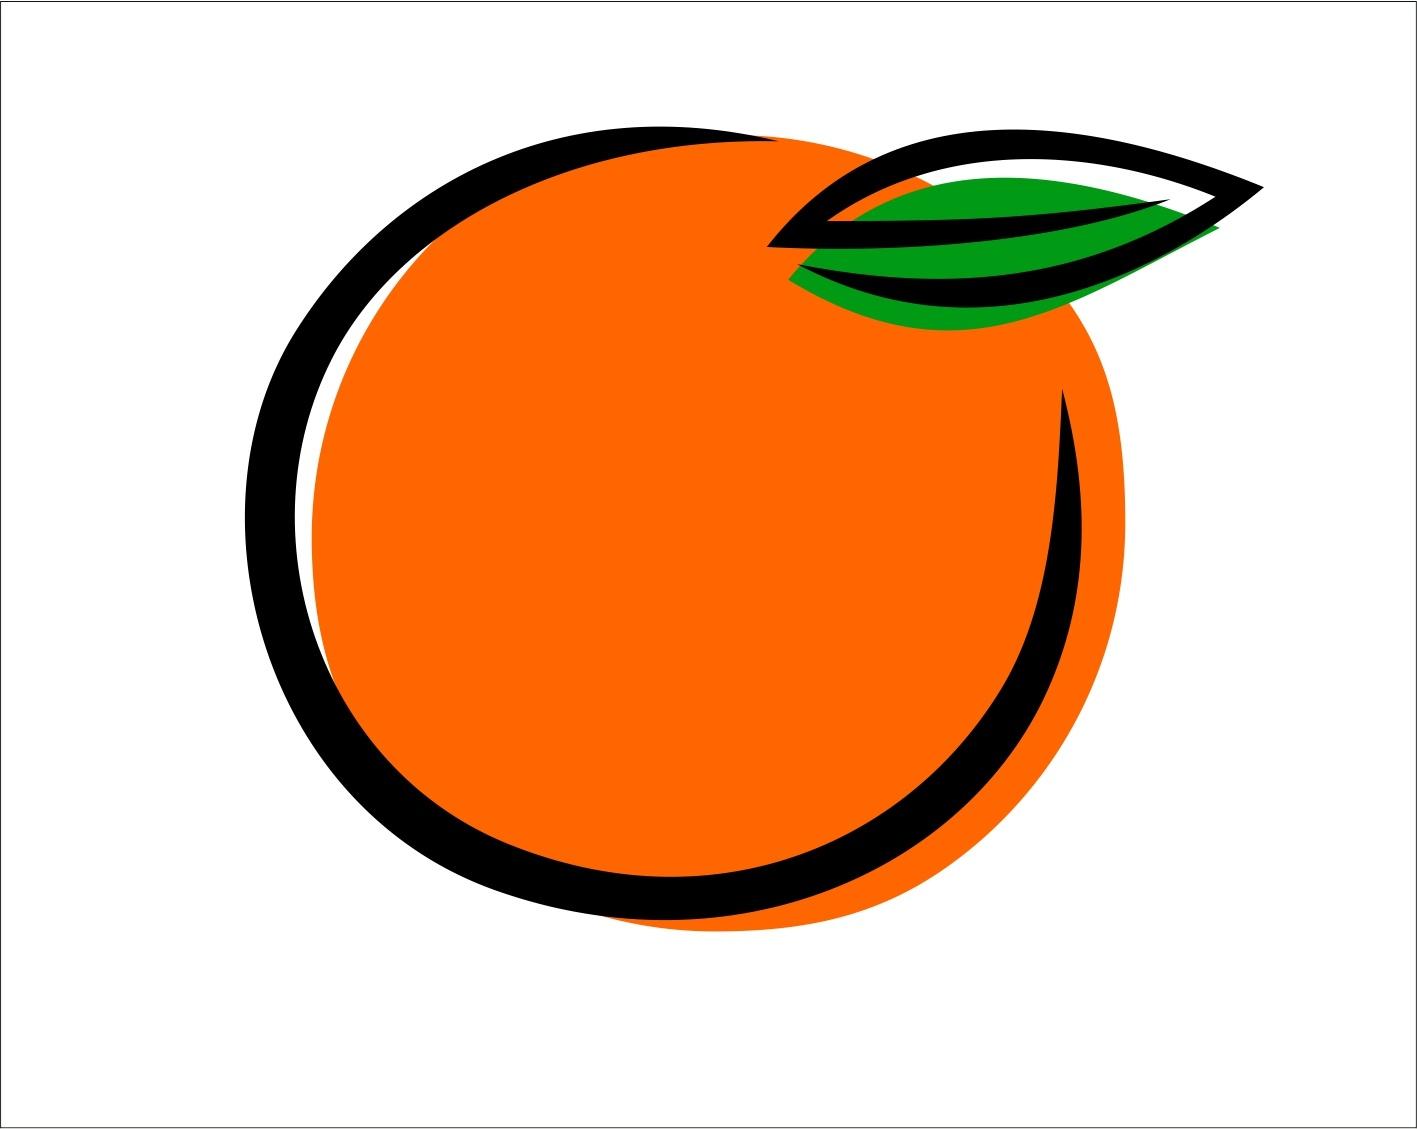 新浪微博logo_水果店LOGO元素|平面|图案|主场Y先生 - 原创作品 - 站酷 (ZCOOL)